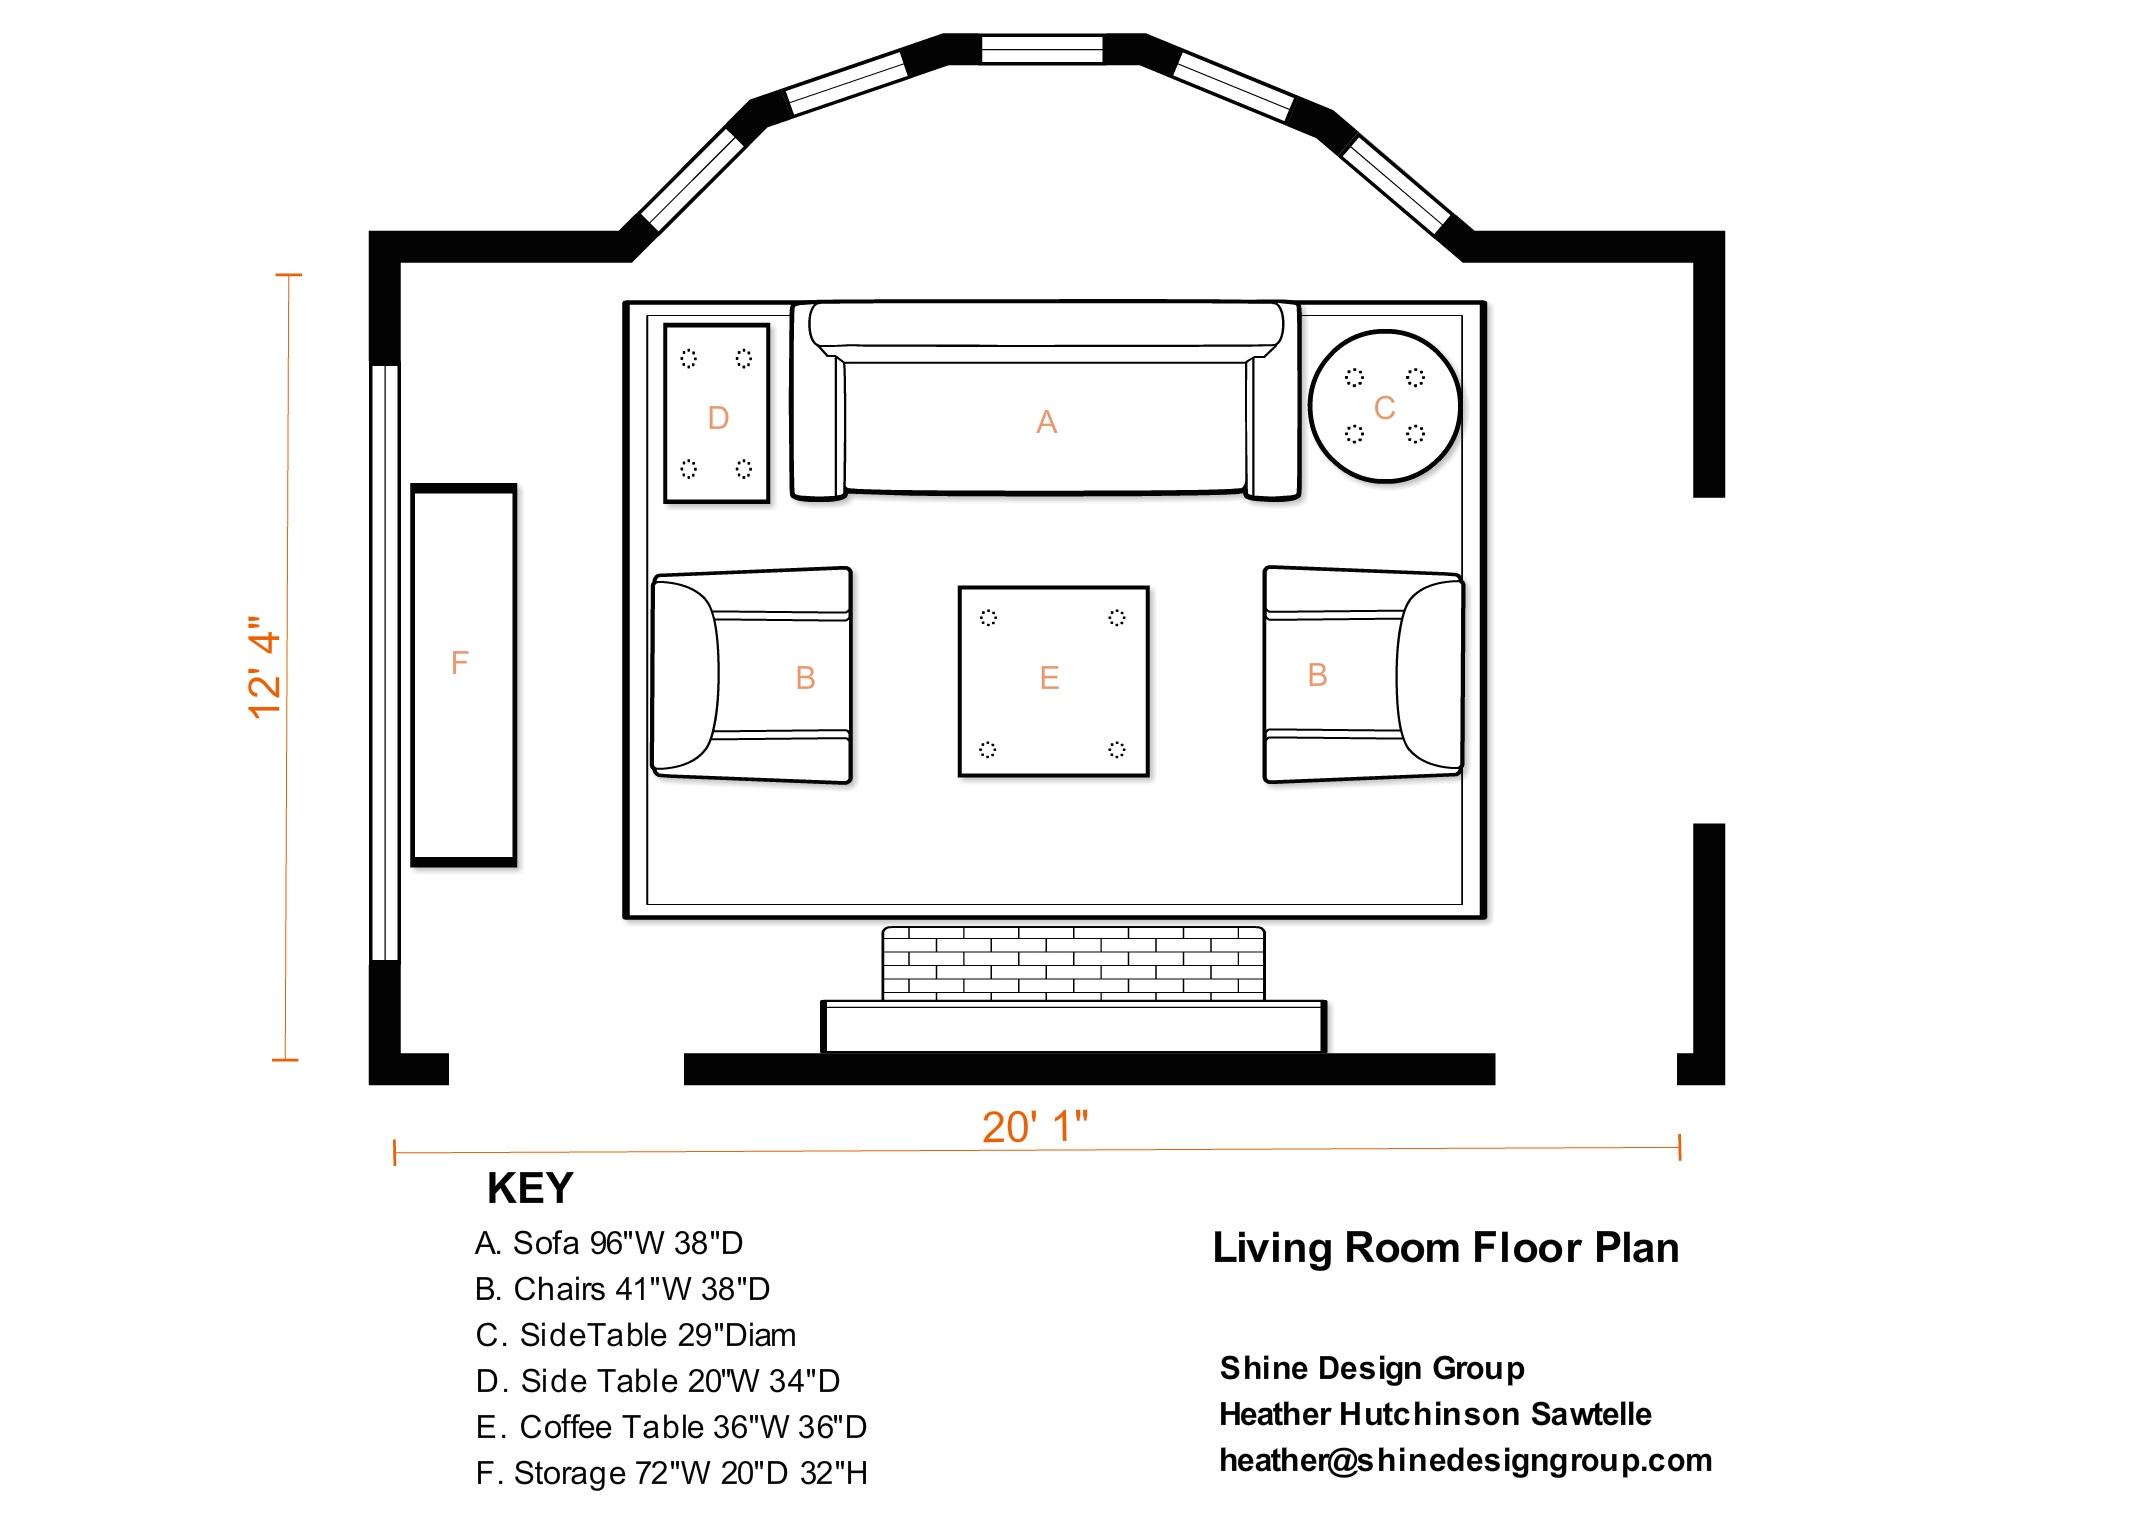 livingroom floor plan.jpg